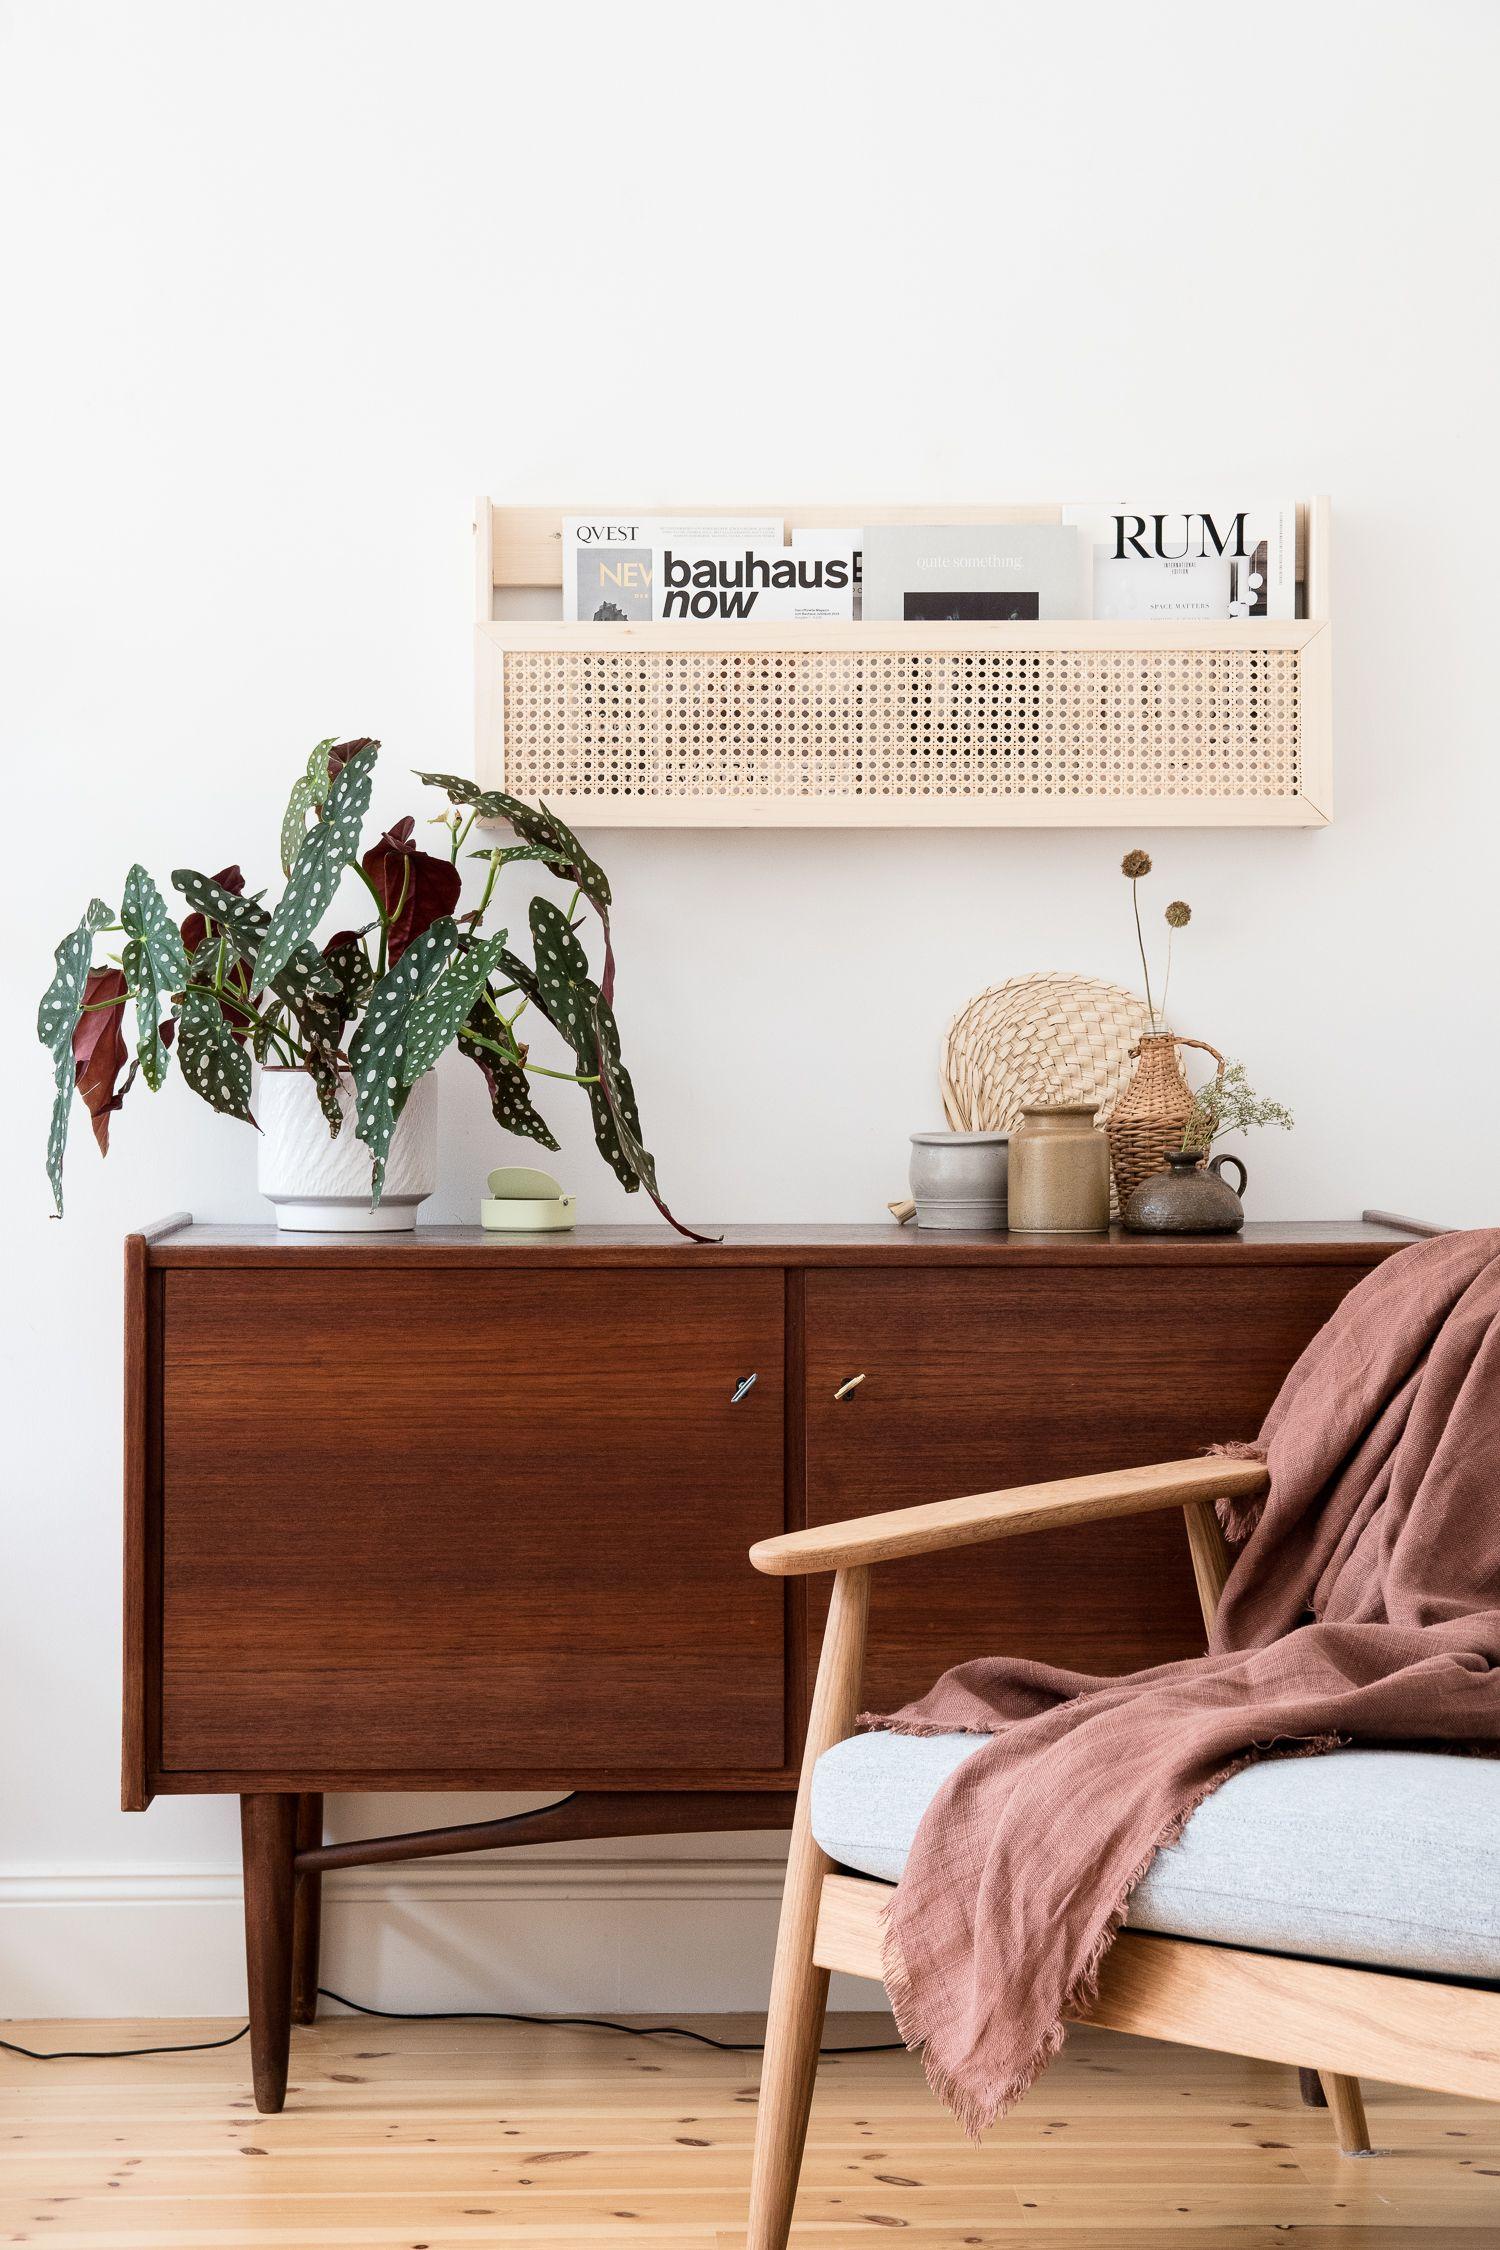 DIY Magazinhalter aus Holz mit Wiener Geflecht #interiordesign